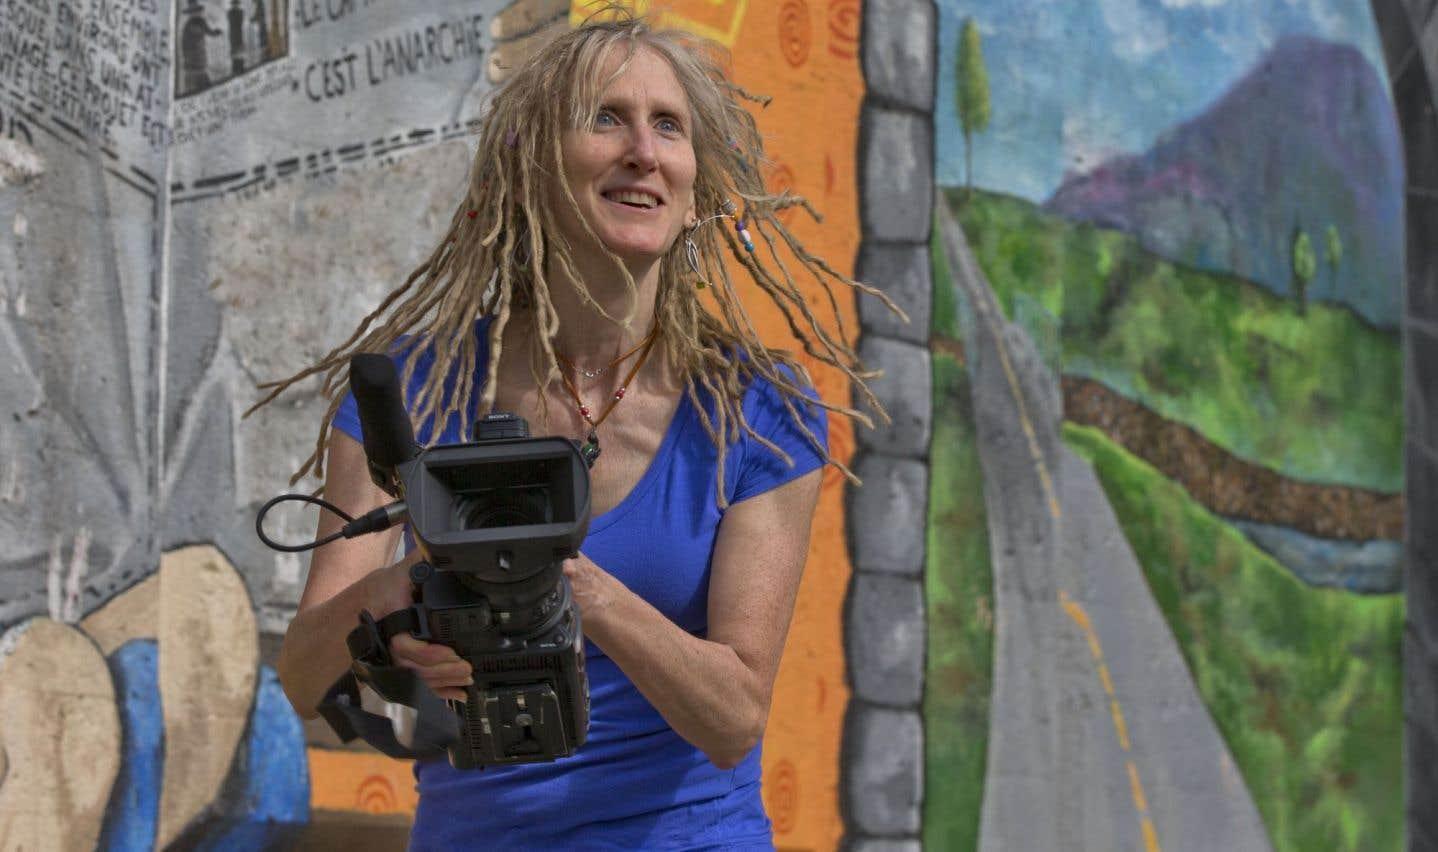 La réalisatrice Ève Lamont